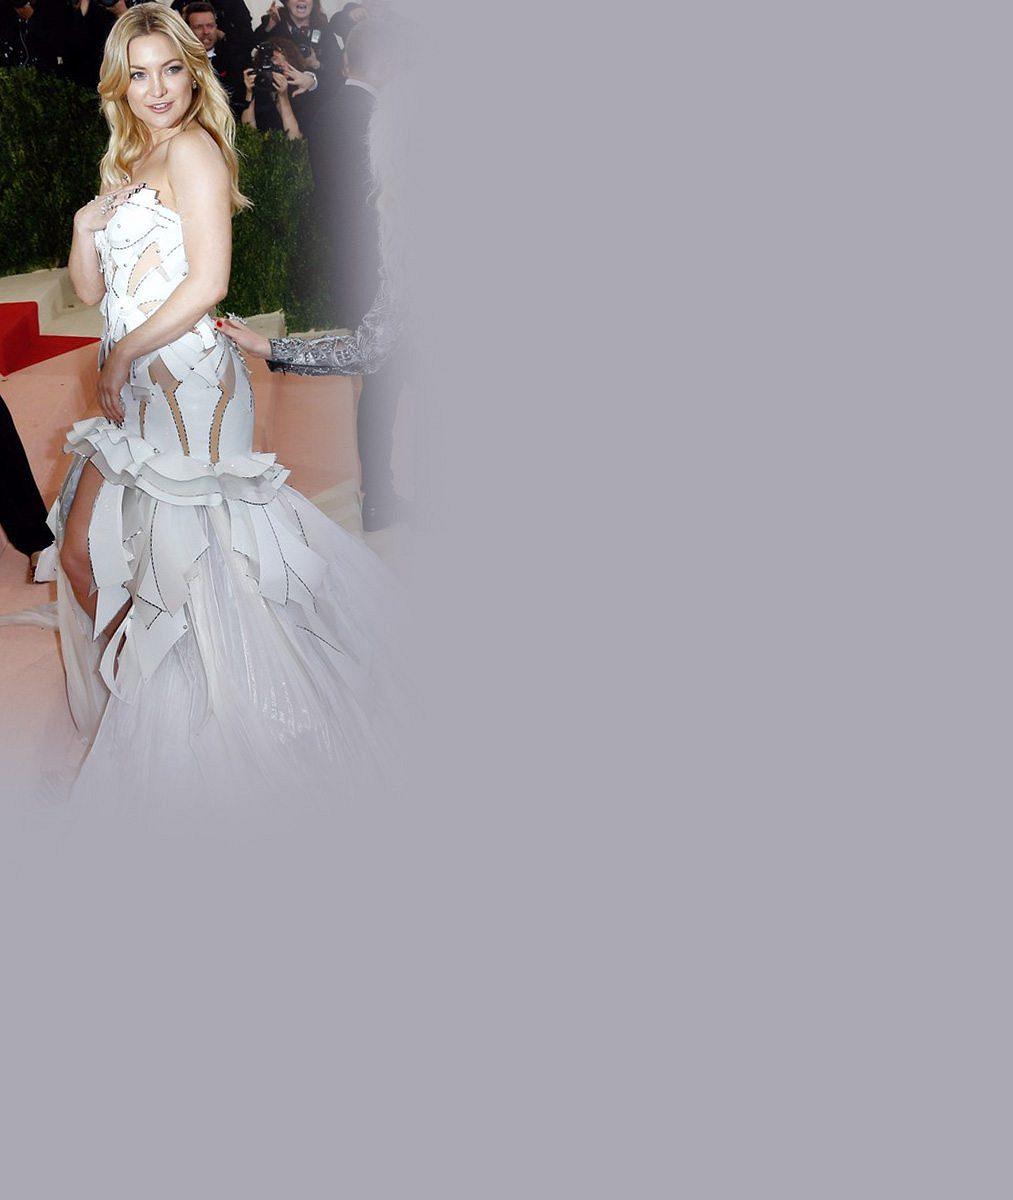 Tyhle fotky dělí pár hodin: Kate Hudson předtím a poté, co si ji vzali do parády profíci